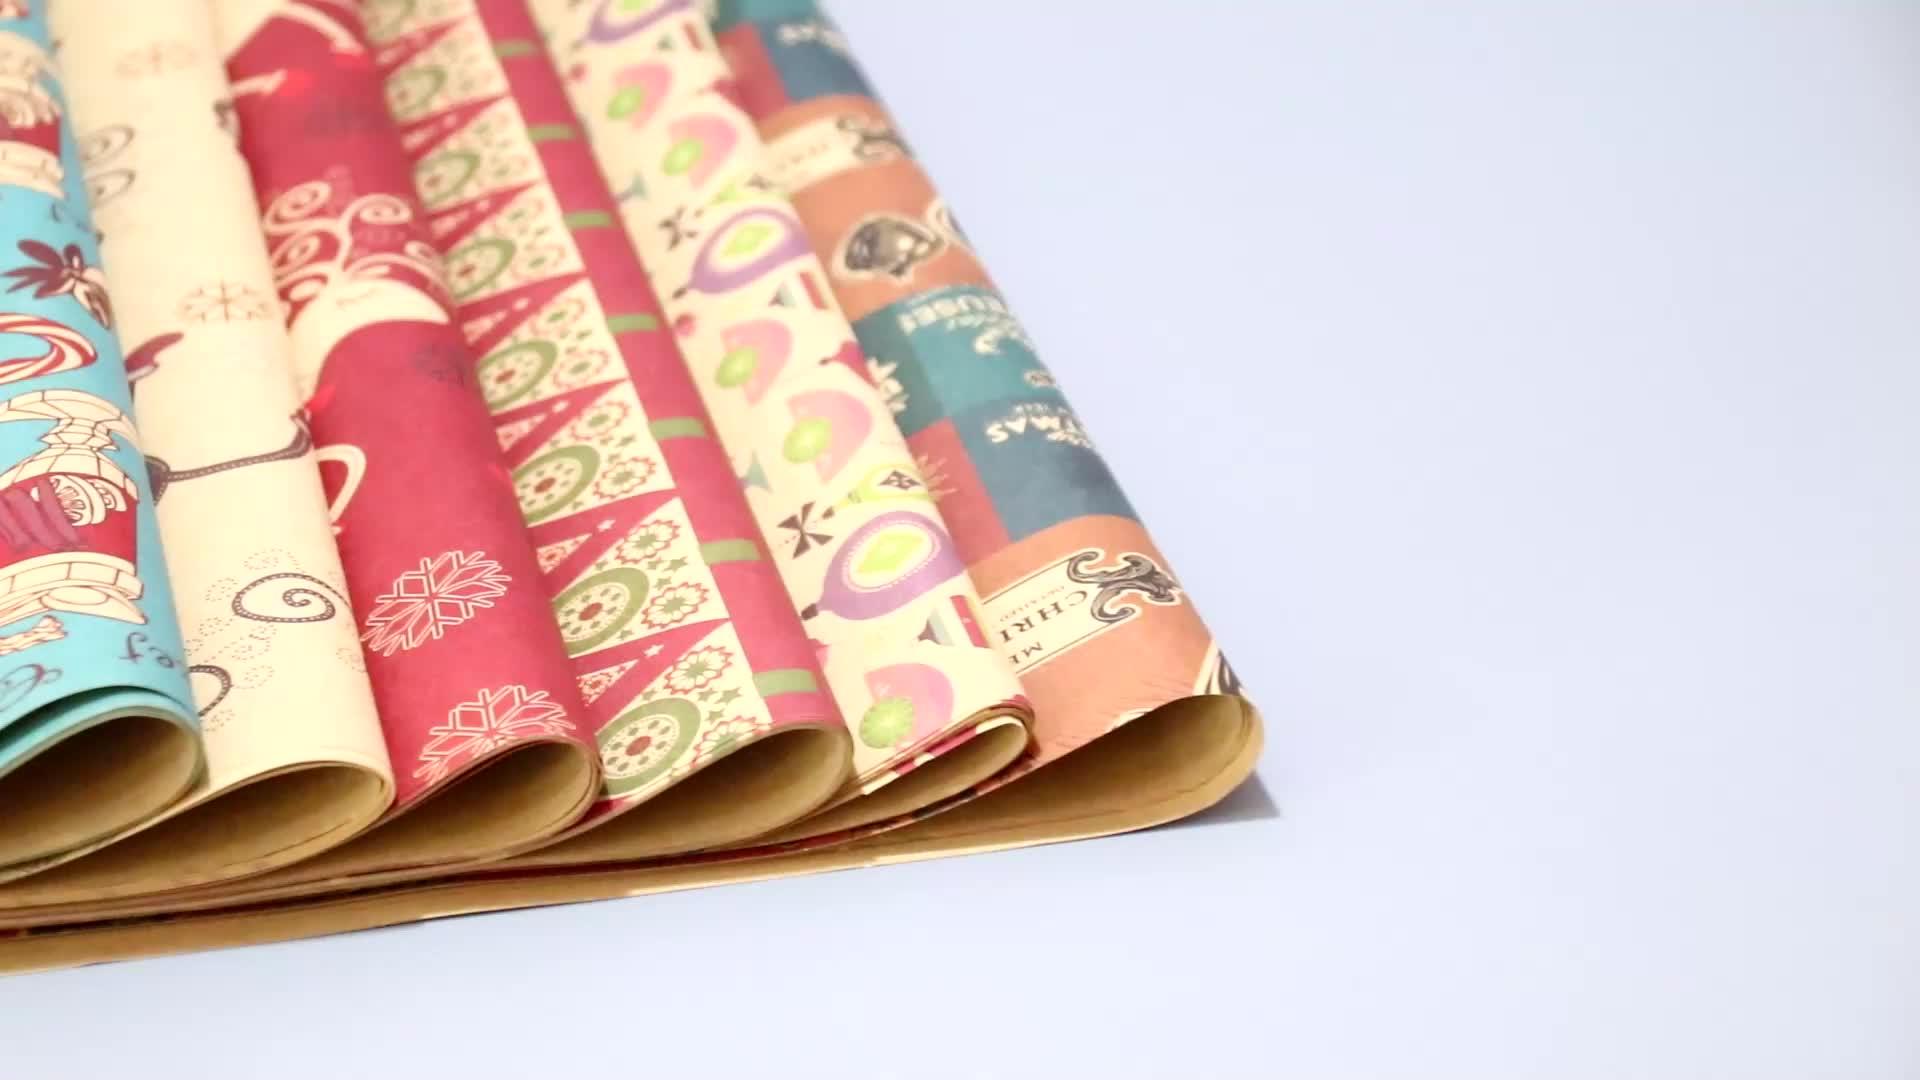 Рождественская упаковка сигаретная бумага коричневый крафт-бумаги, высокое качество, креативные заказной Подарочный рулон оберточной бумаги